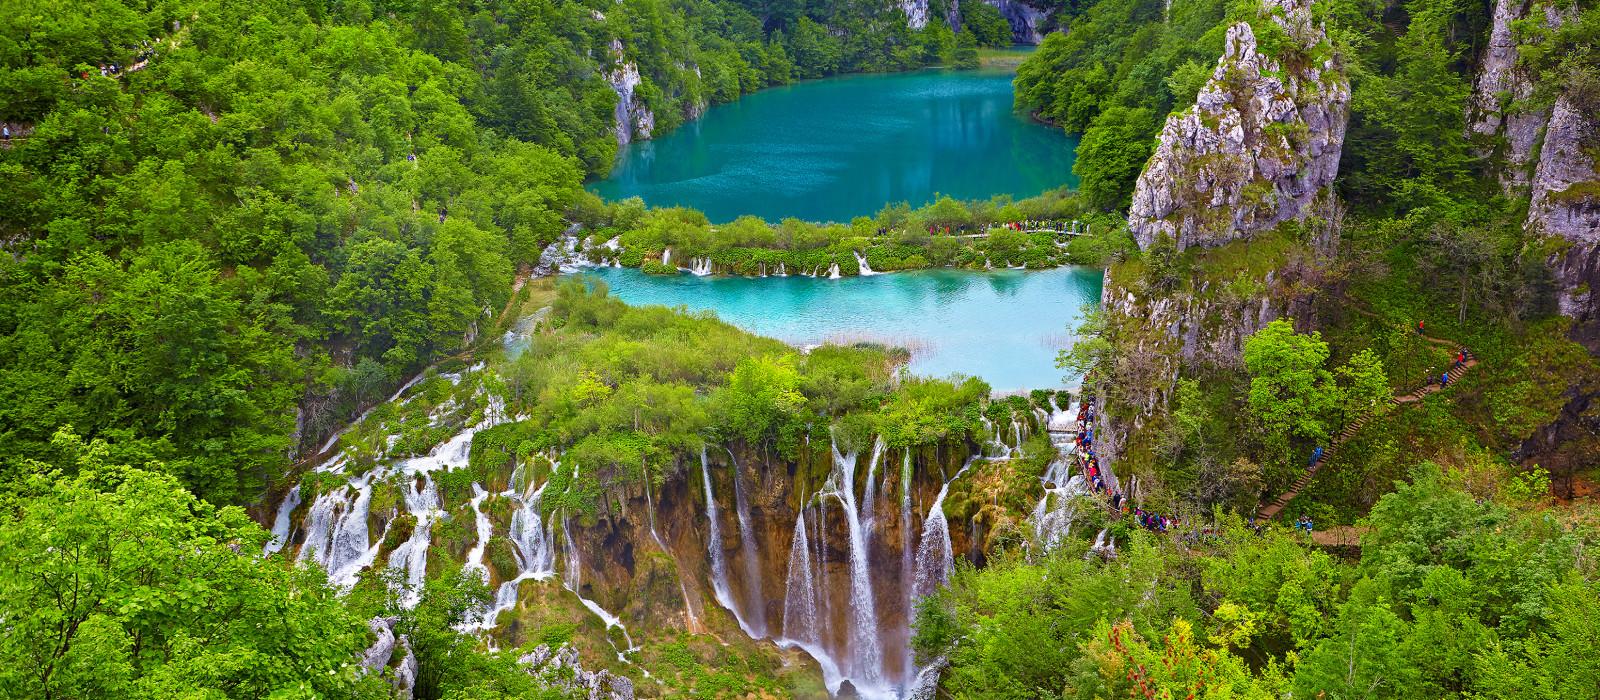 Reiseziel Plitvicer Seen Kroatien & Slowenien